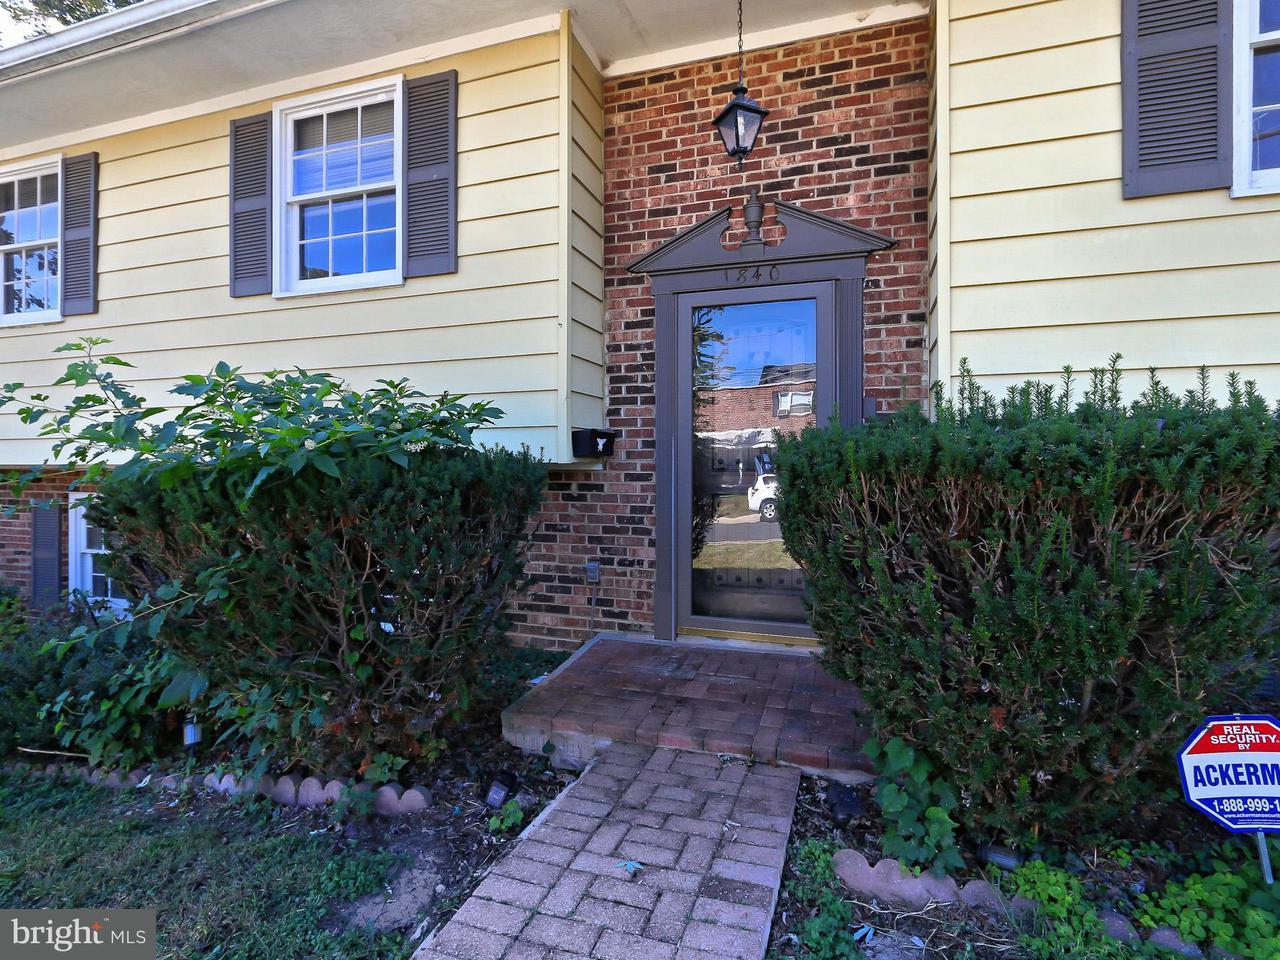 Single Family Home for Sale at 1840 Dinwiddie St N 1840 Dinwiddie St N Arlington, Virginia 22207 United States